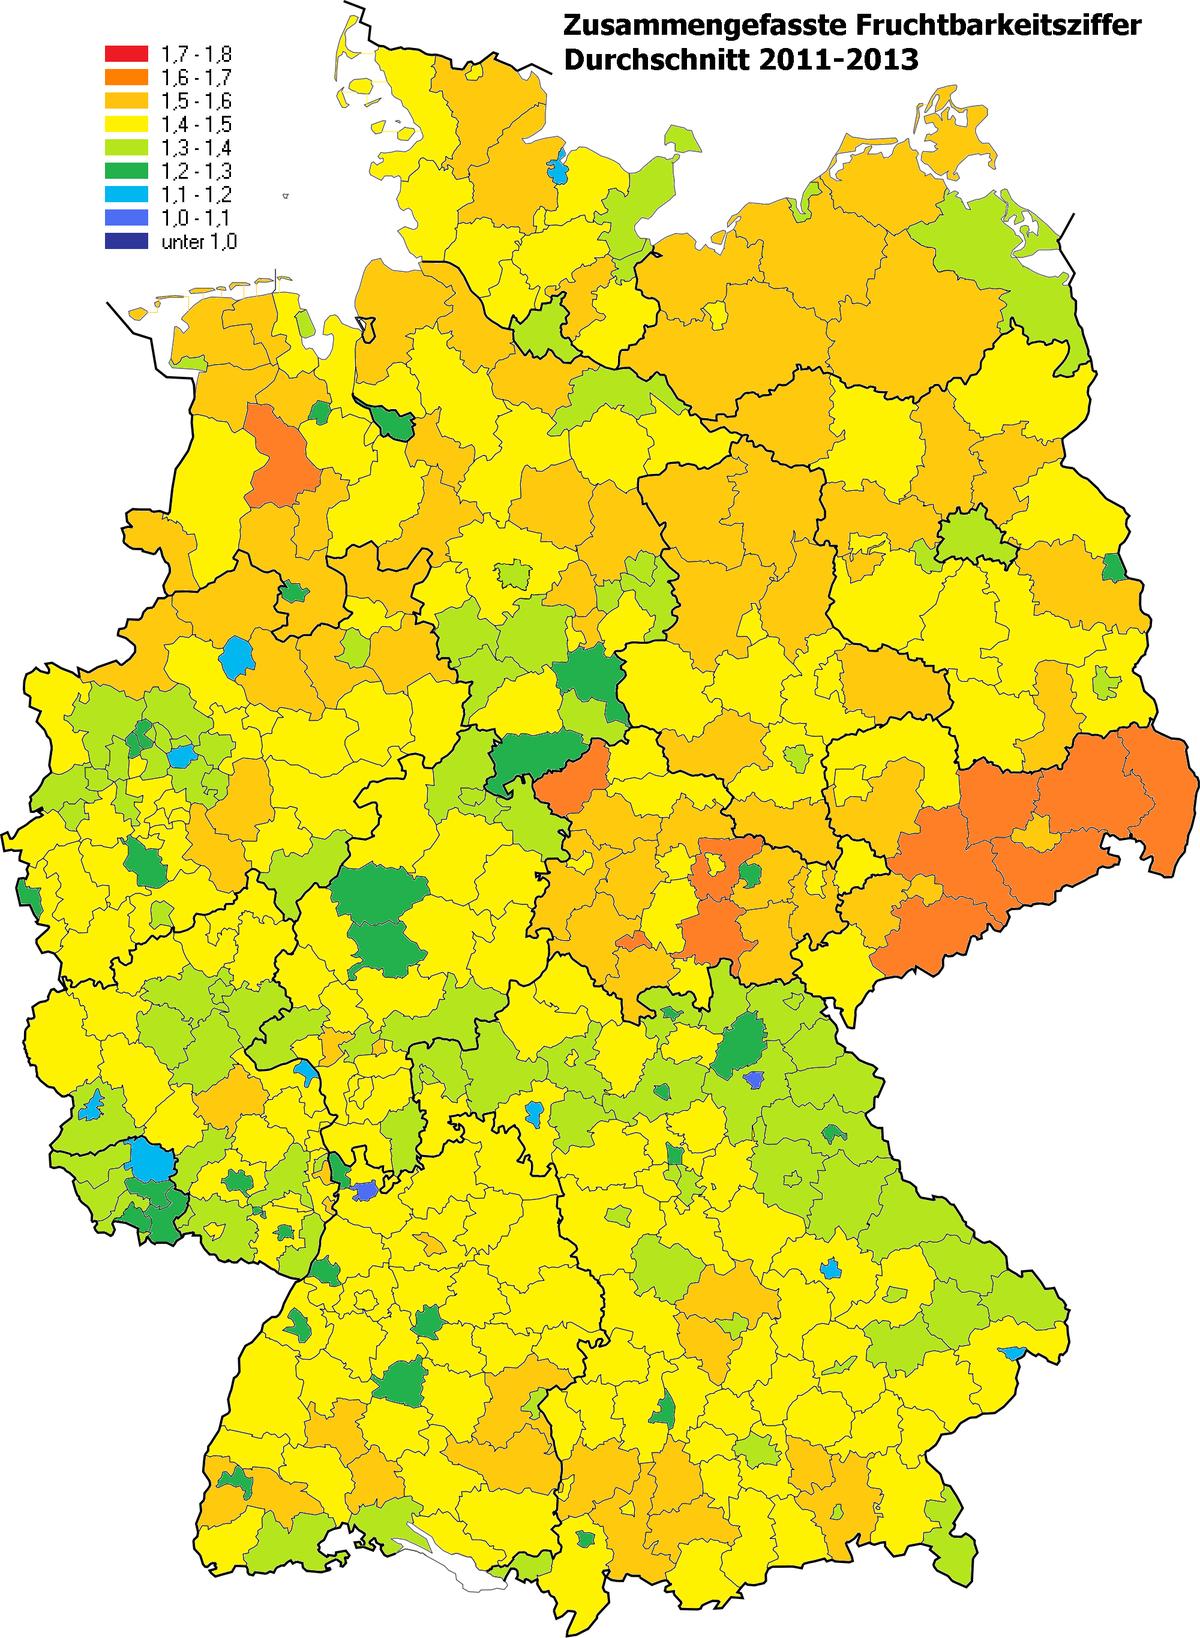 deutschland 2